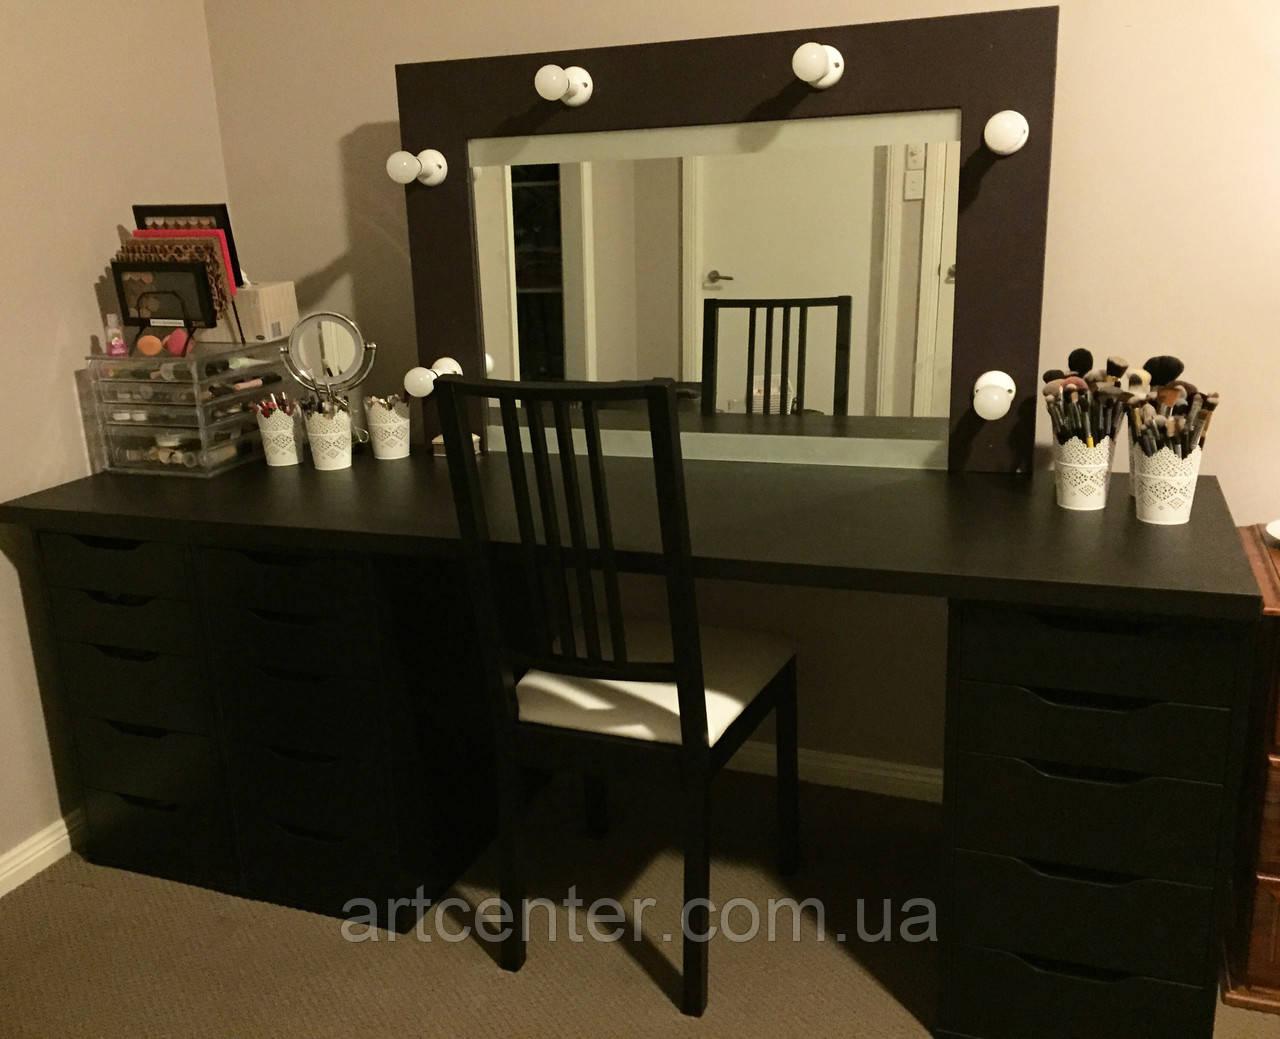 Туалетный стол, гримерный стол, визажный стол черного цвета